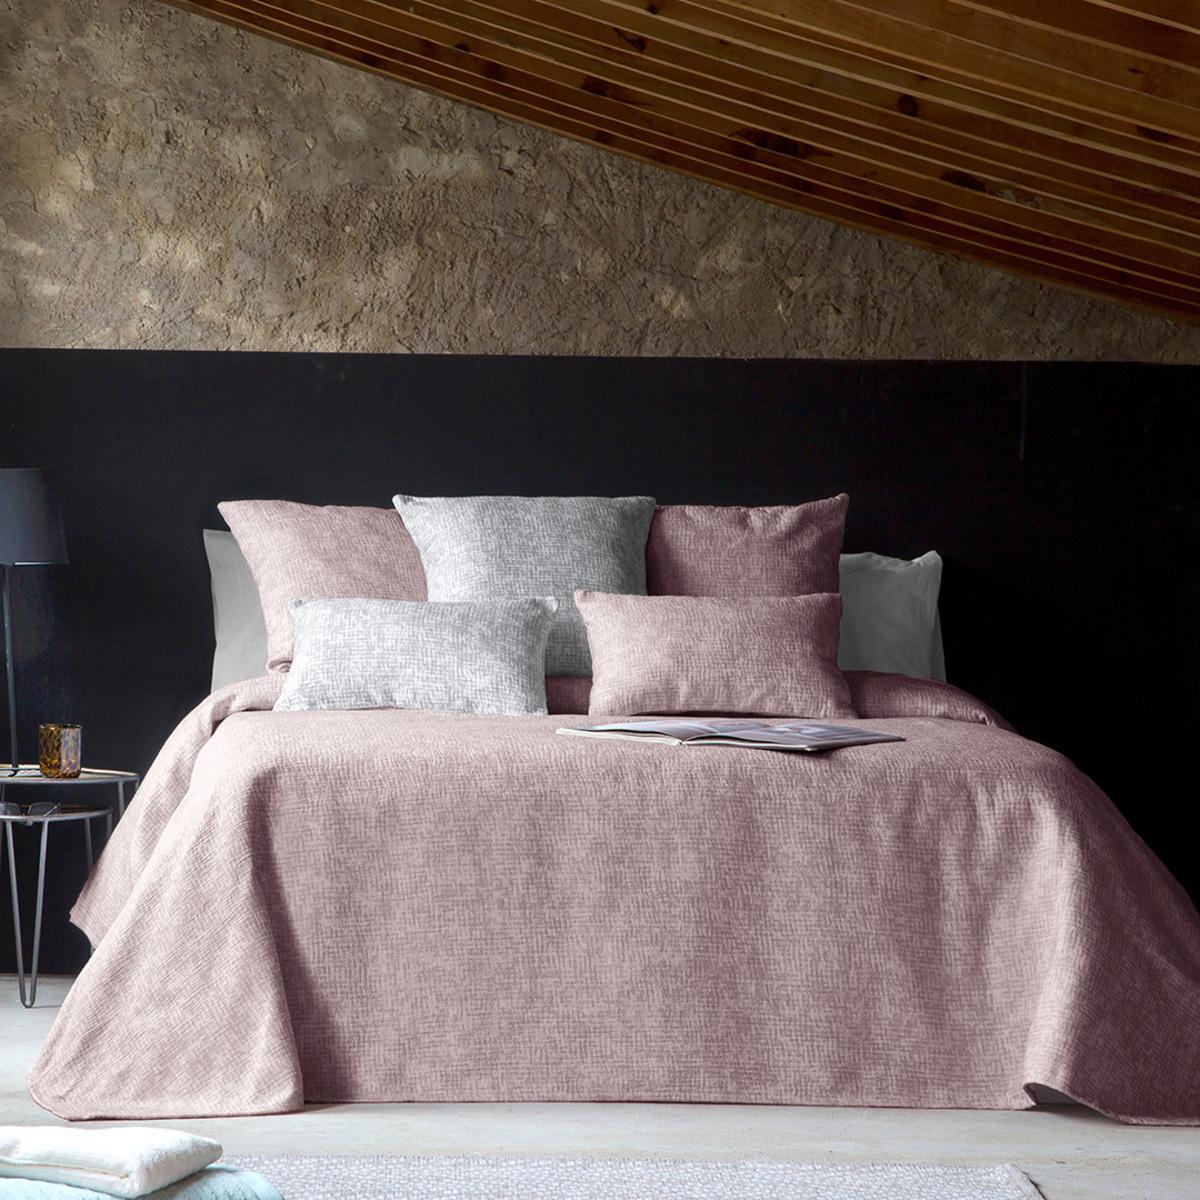 Couvre lit en 100% coton 180x270 cm mauve